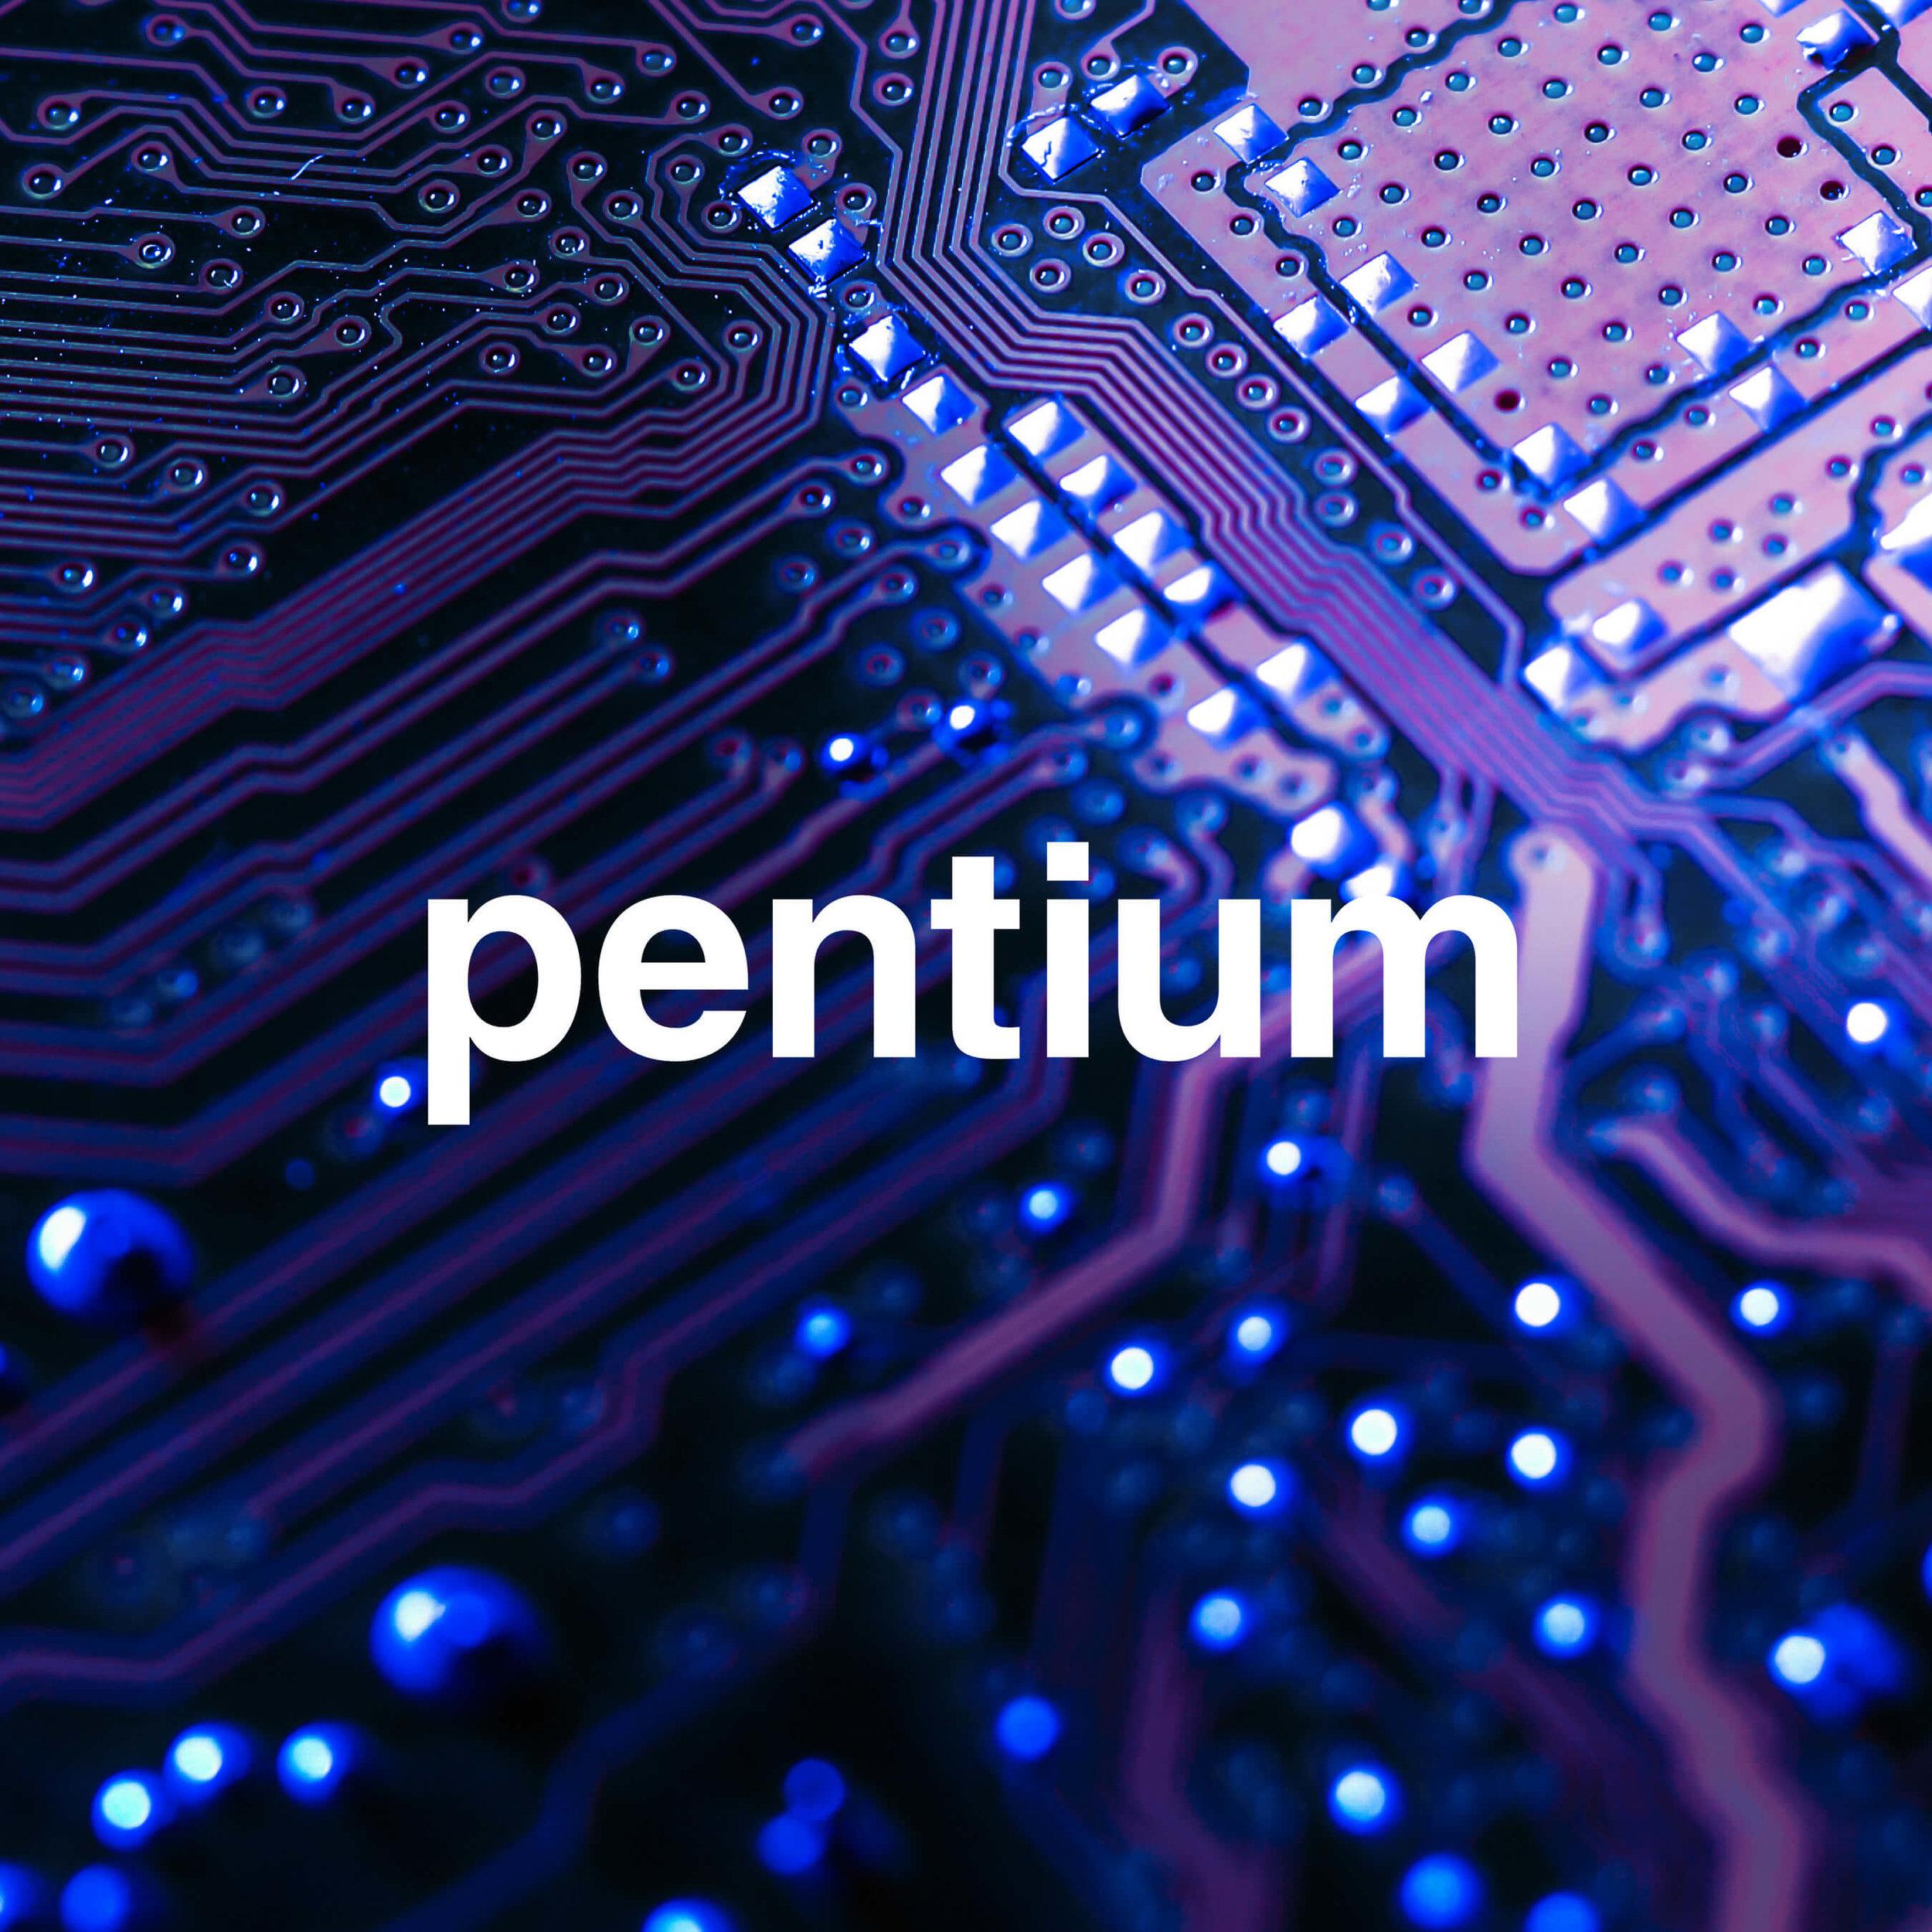 Pentium (Intel)